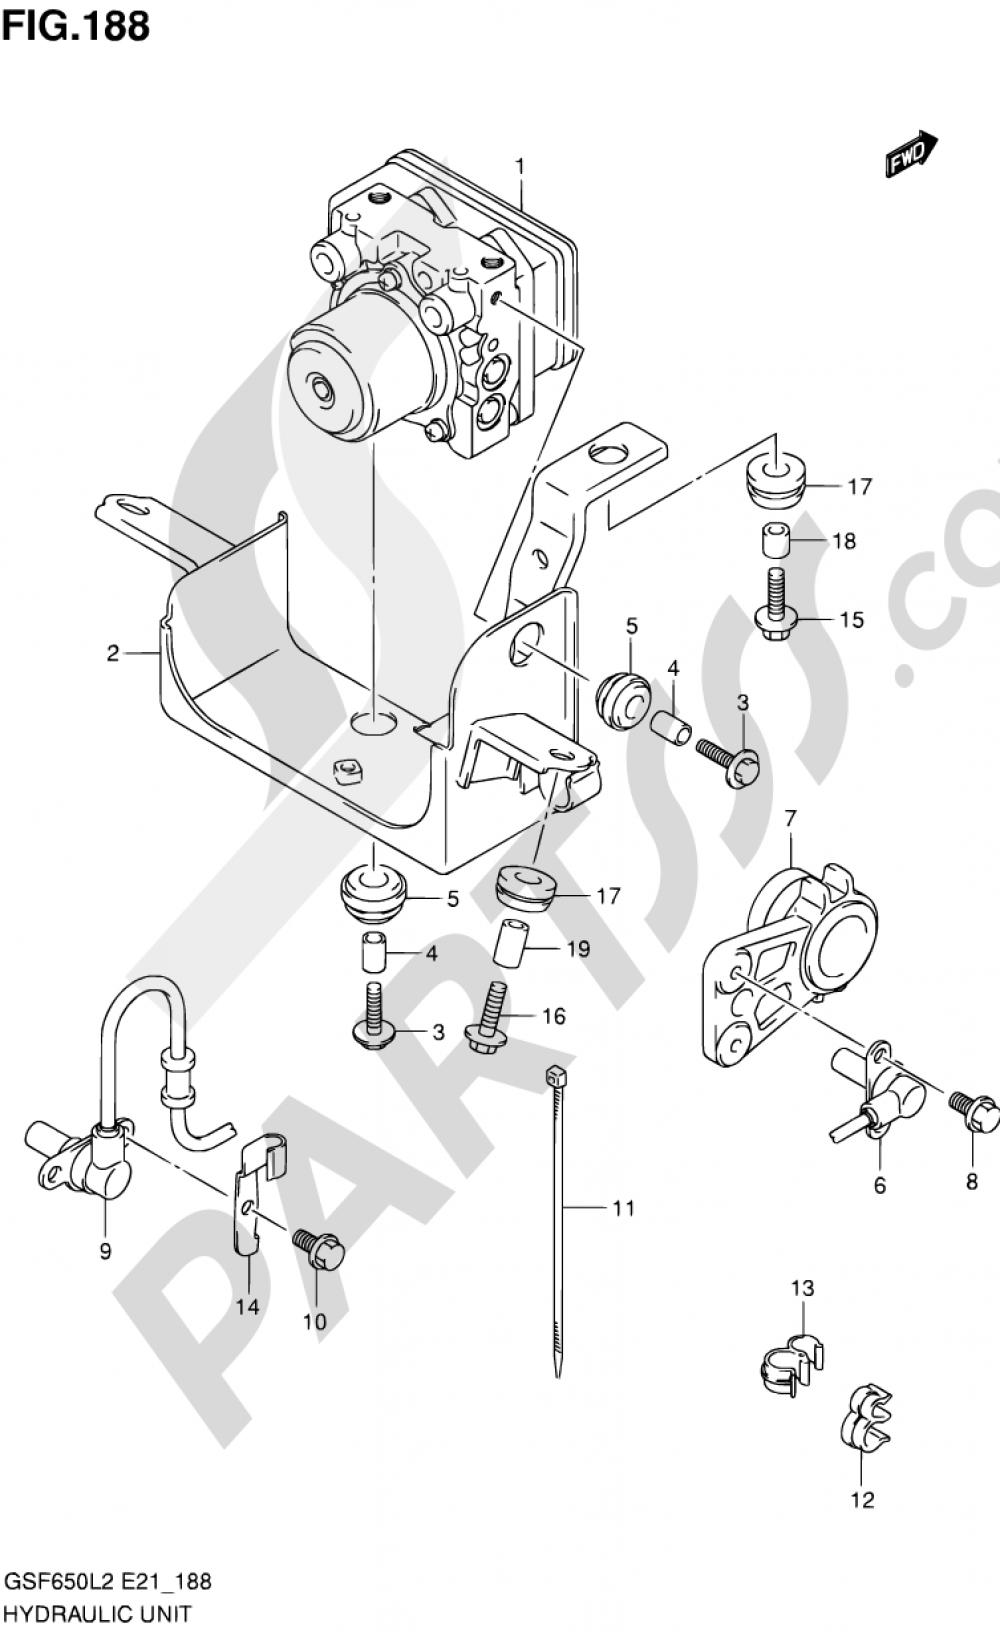 188 - HYDRAULIC UNIT (GSF650SUAL2 E21) Suzuki BANDIT GSF650SA 2012